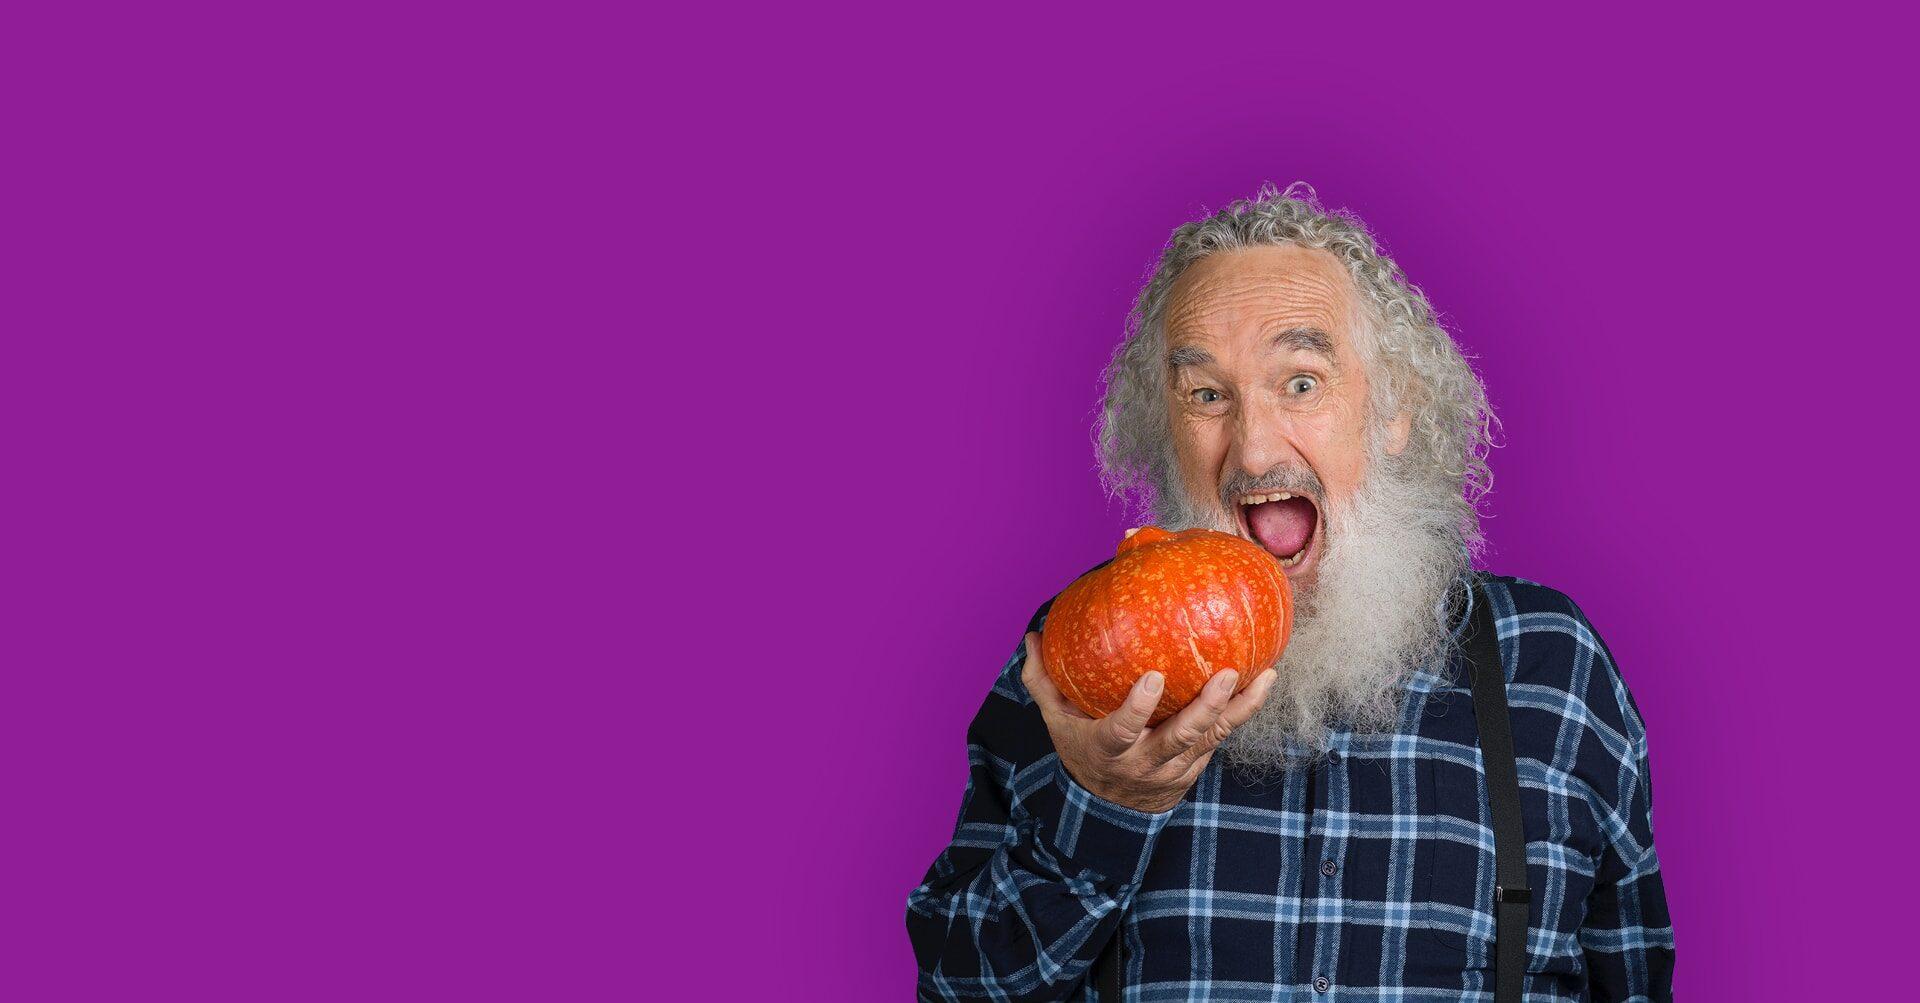 Alter Mann mit Bart will in einen Kürbis beissen